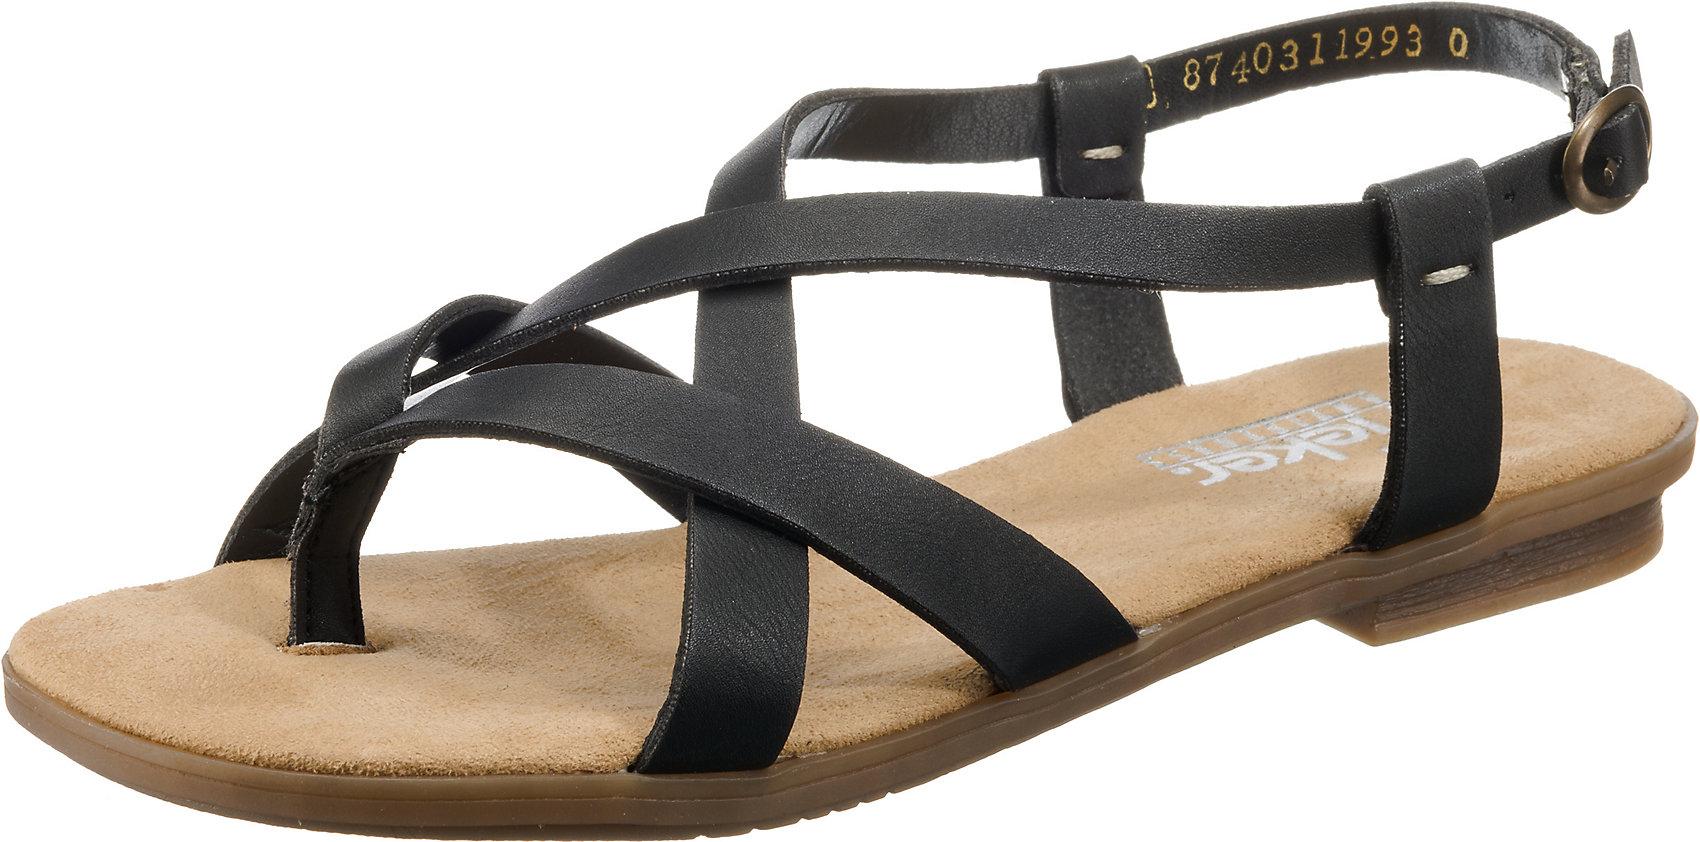 Details zu Neu rieker Klassische Sandalen 7568134 für Damen schwarz bronze